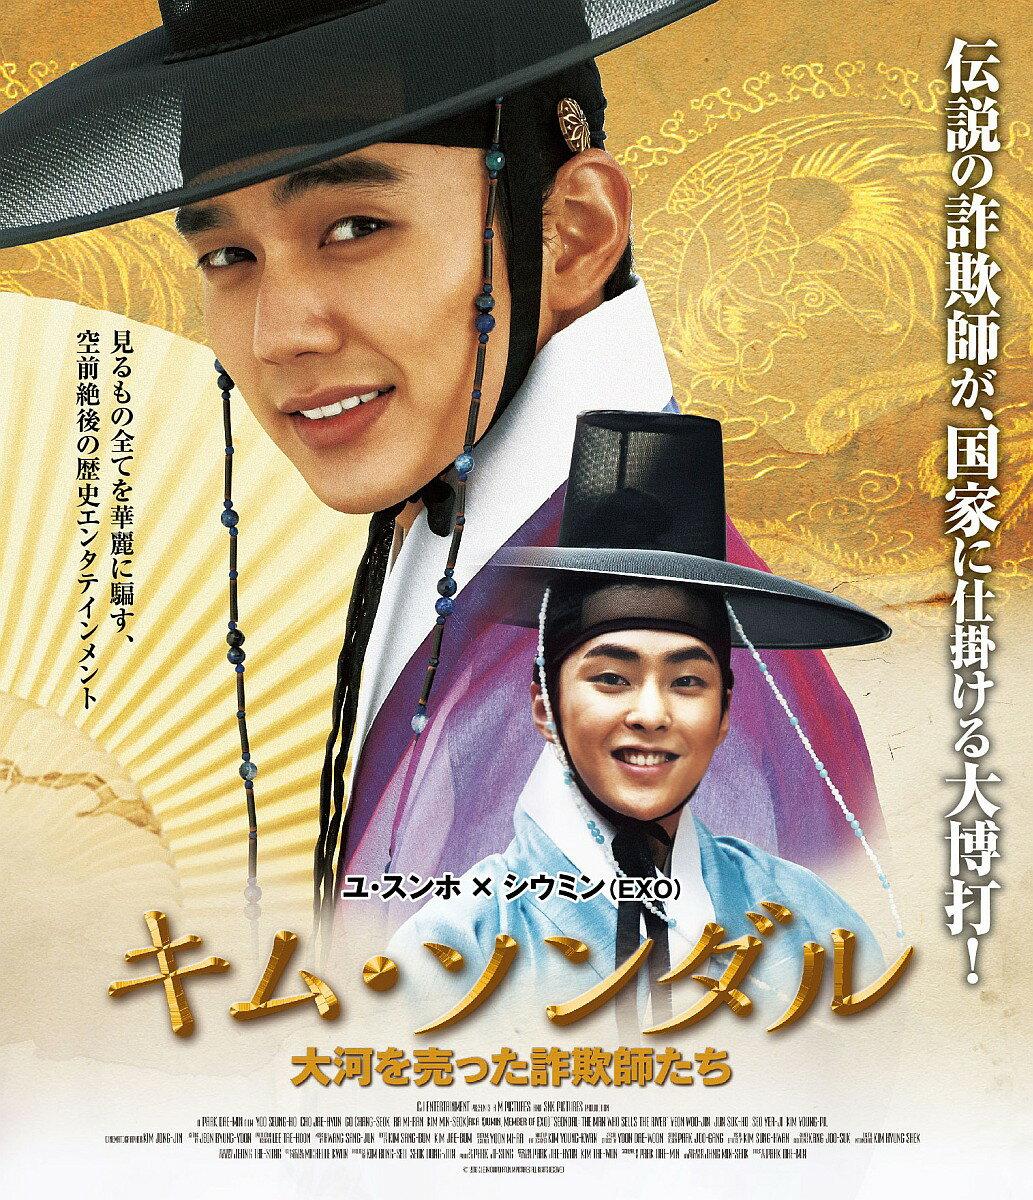 キム・ソンダル 大河を売った詐欺師たち【Blu-ray】 [ ユ・スンホ ]